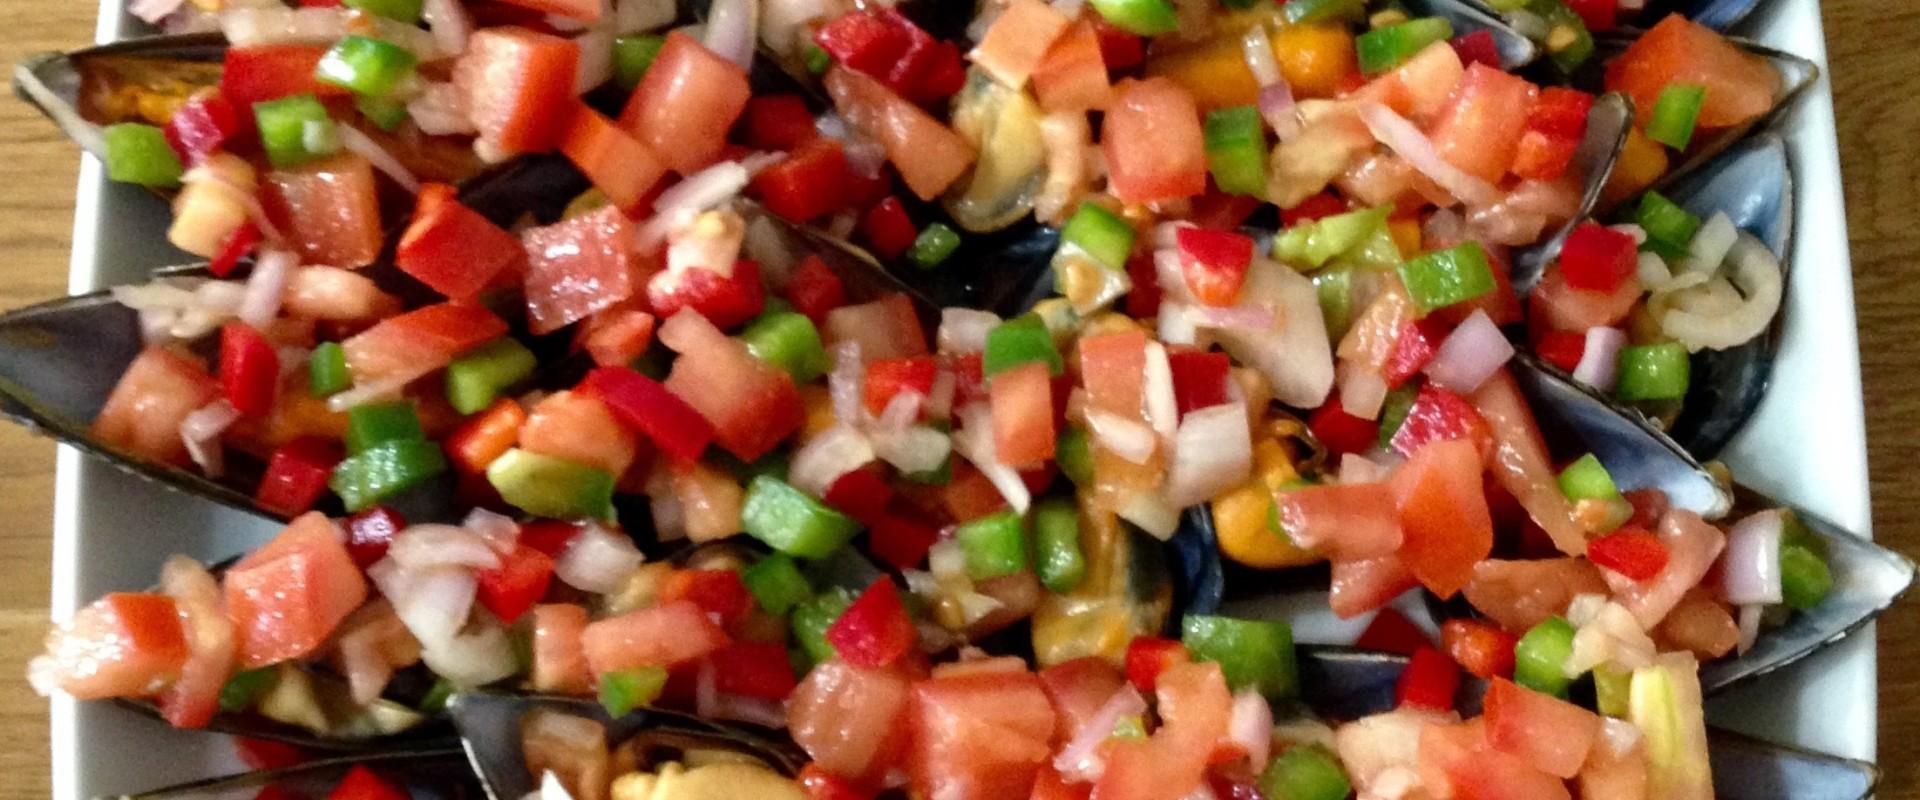 Pipirrana Salade uit Granada